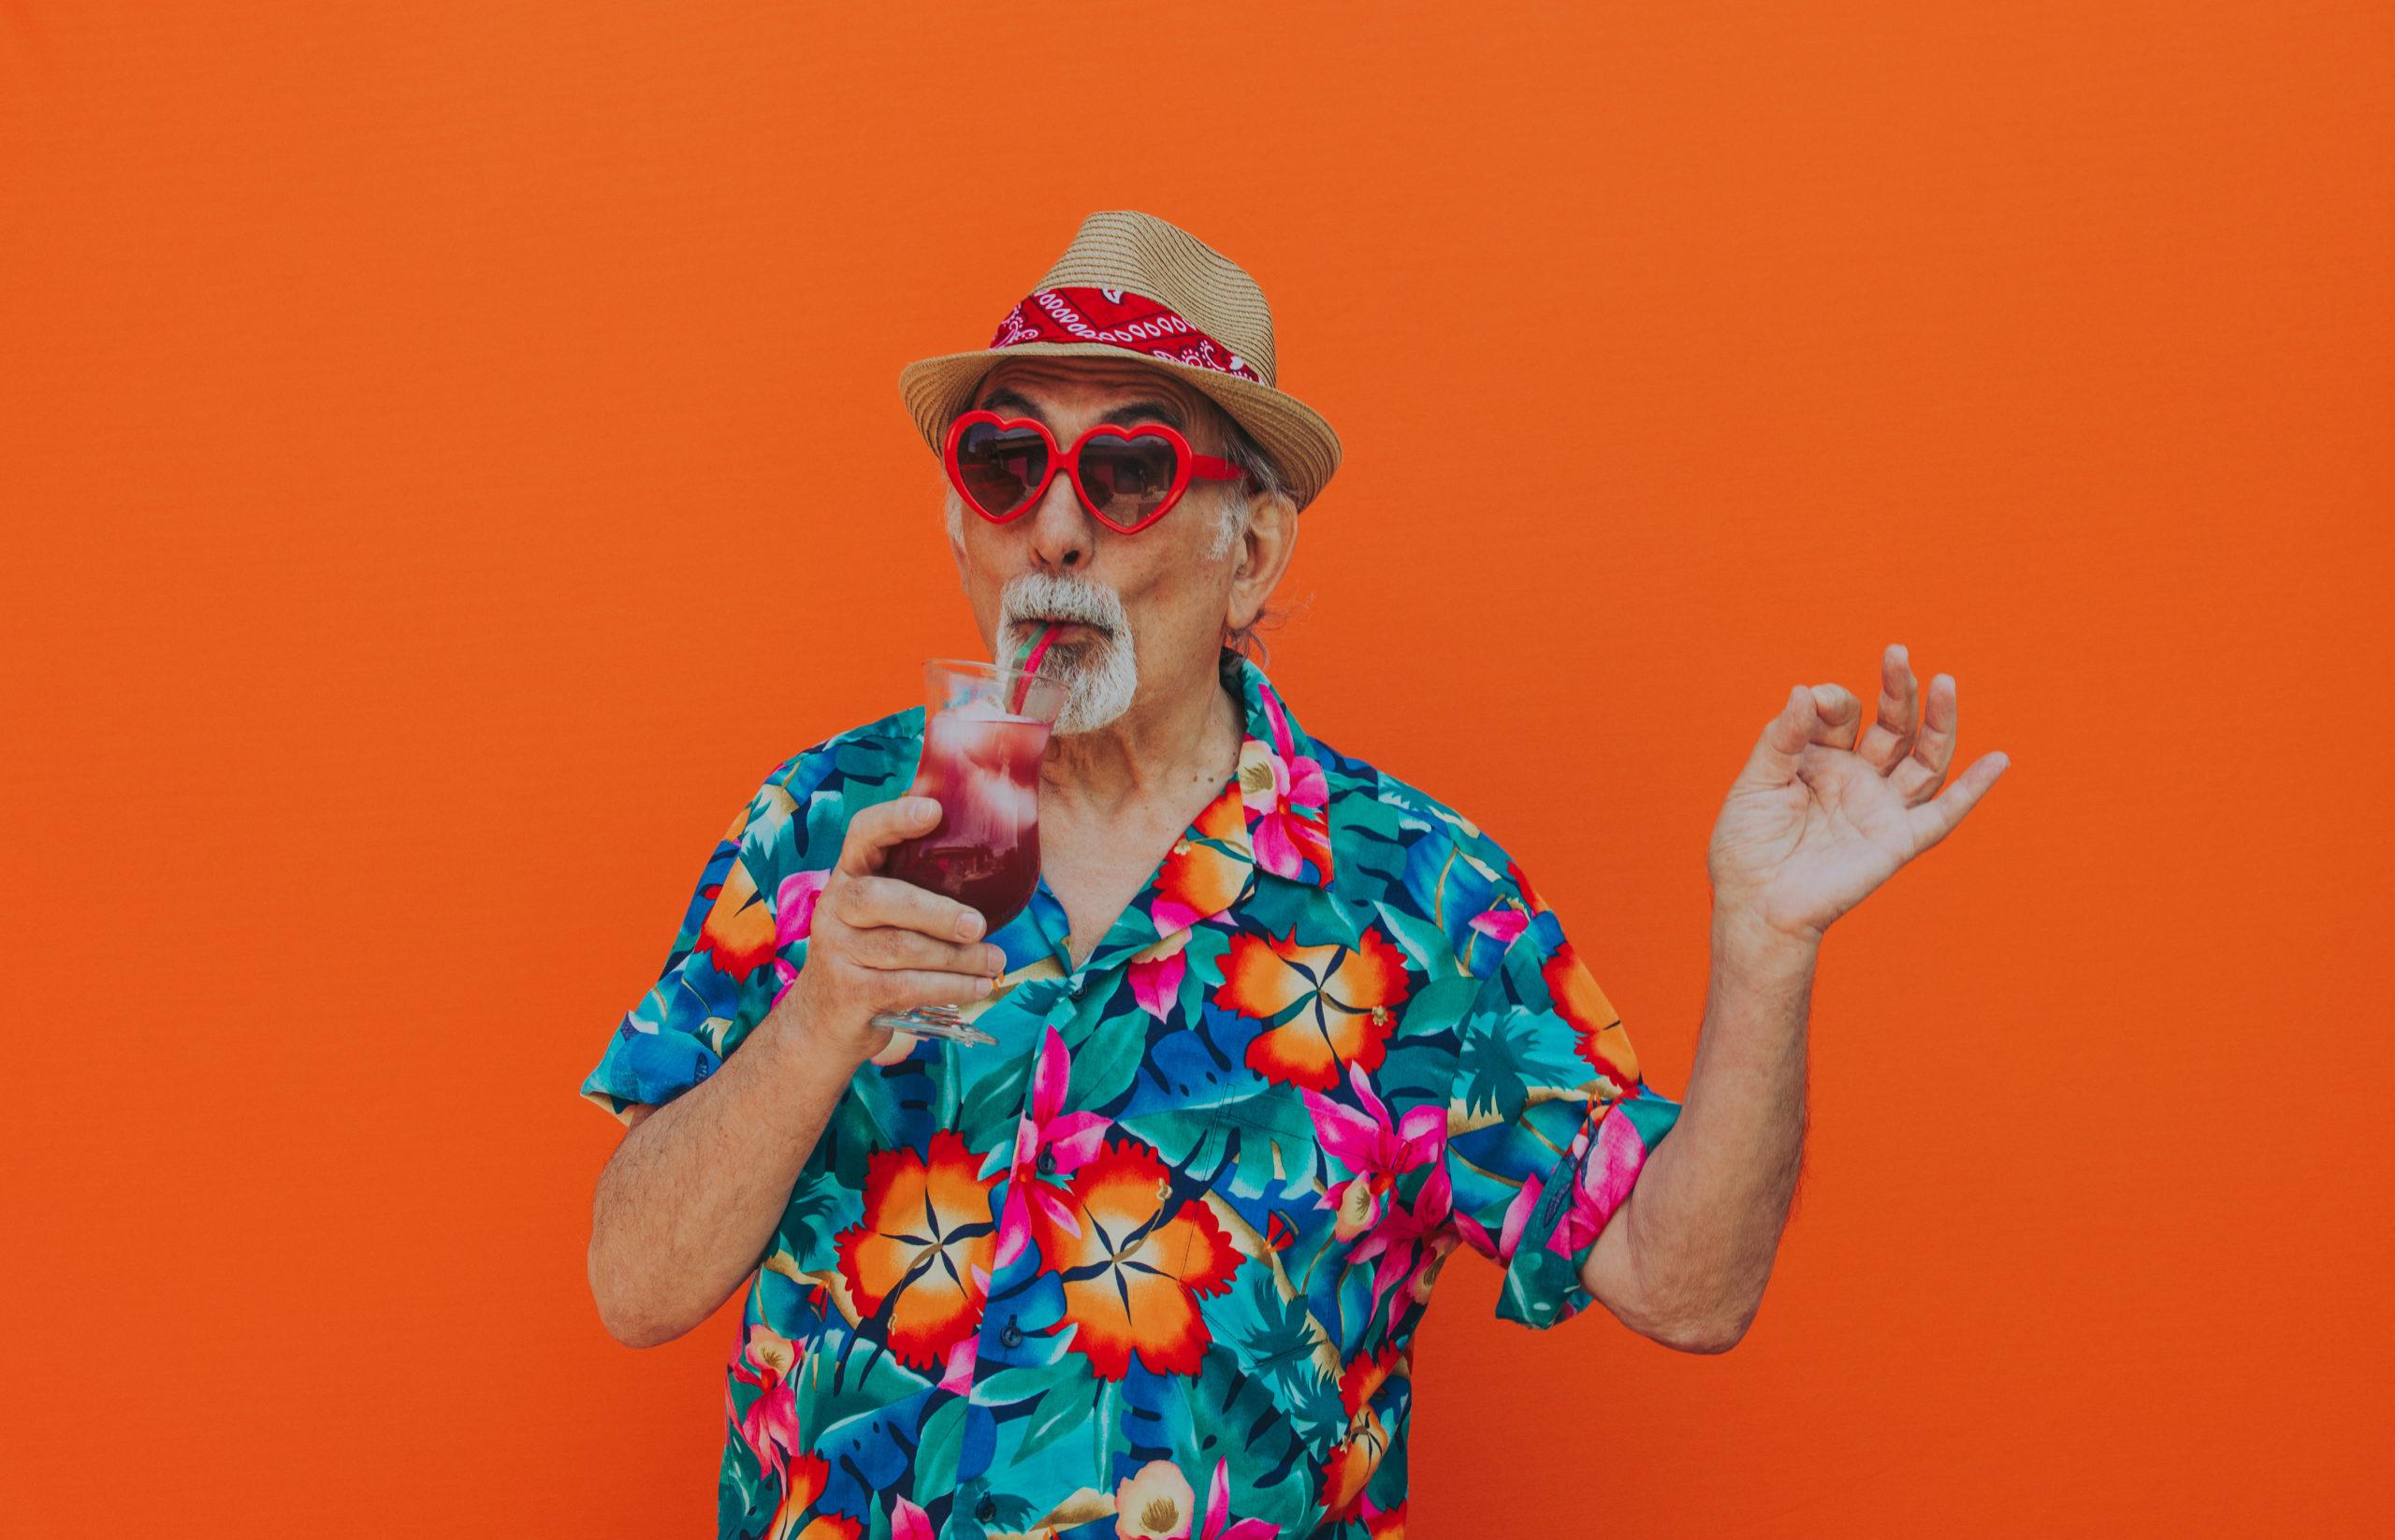 older senior man sipping tropical drink on orange background